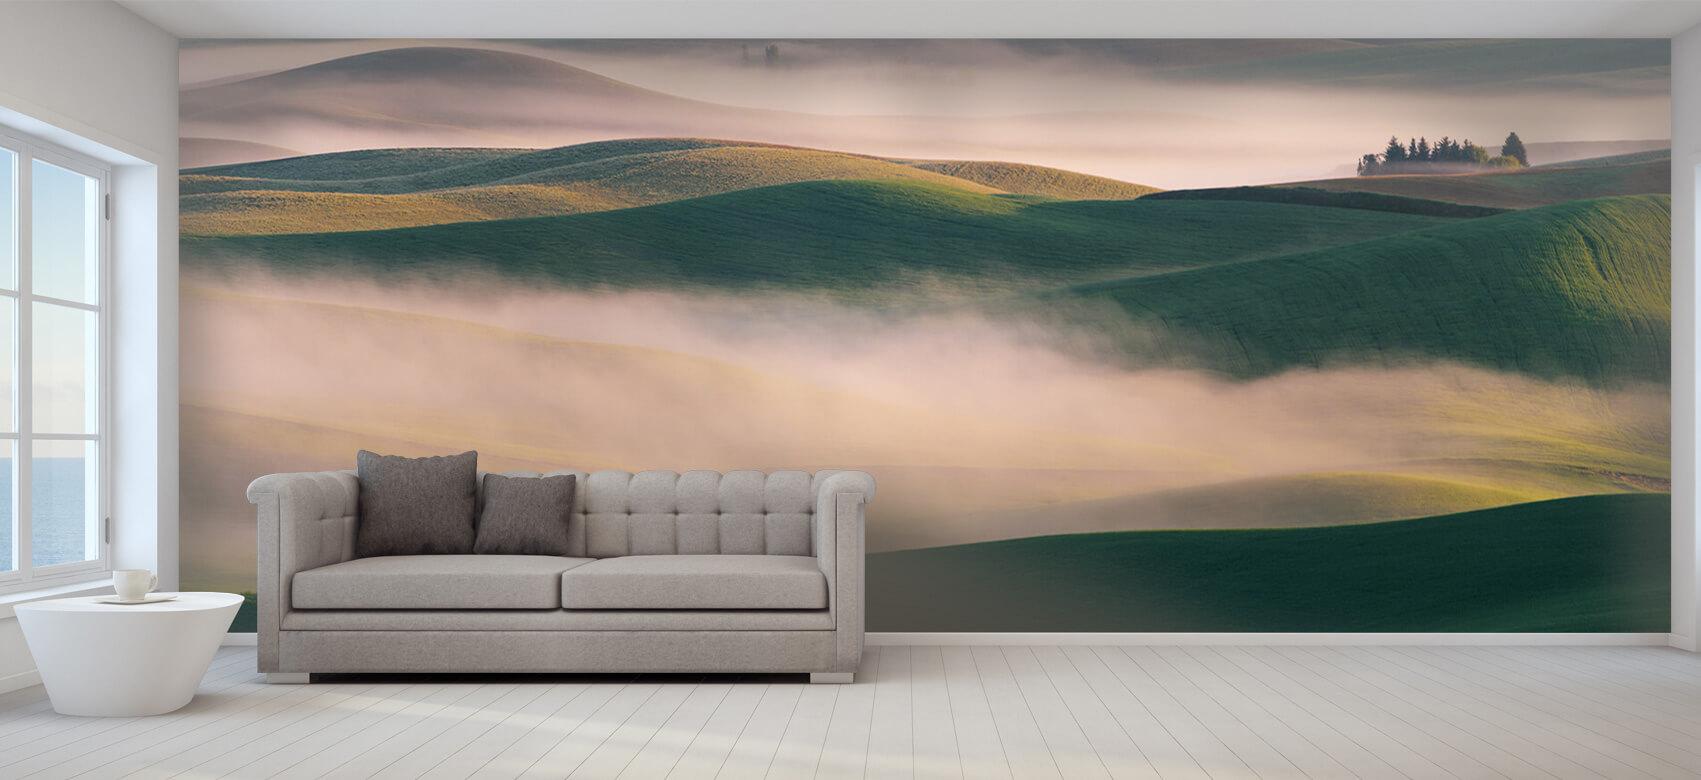 Dream Land in Morning Mist 8